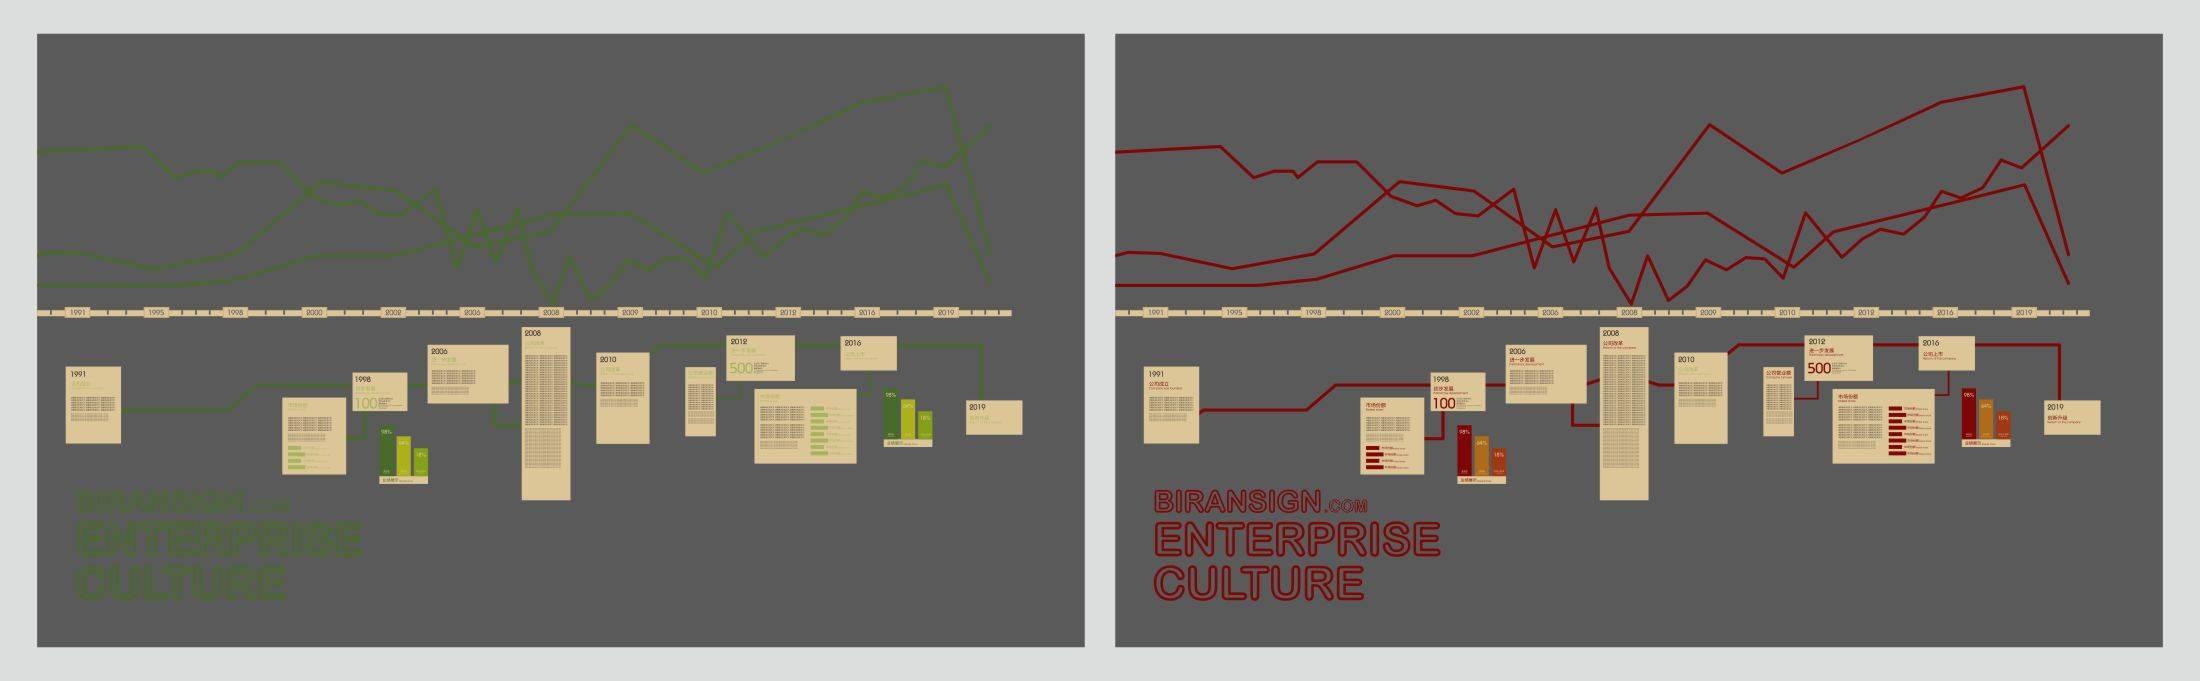 金融中心创意企业文化墙设计概念方案模板